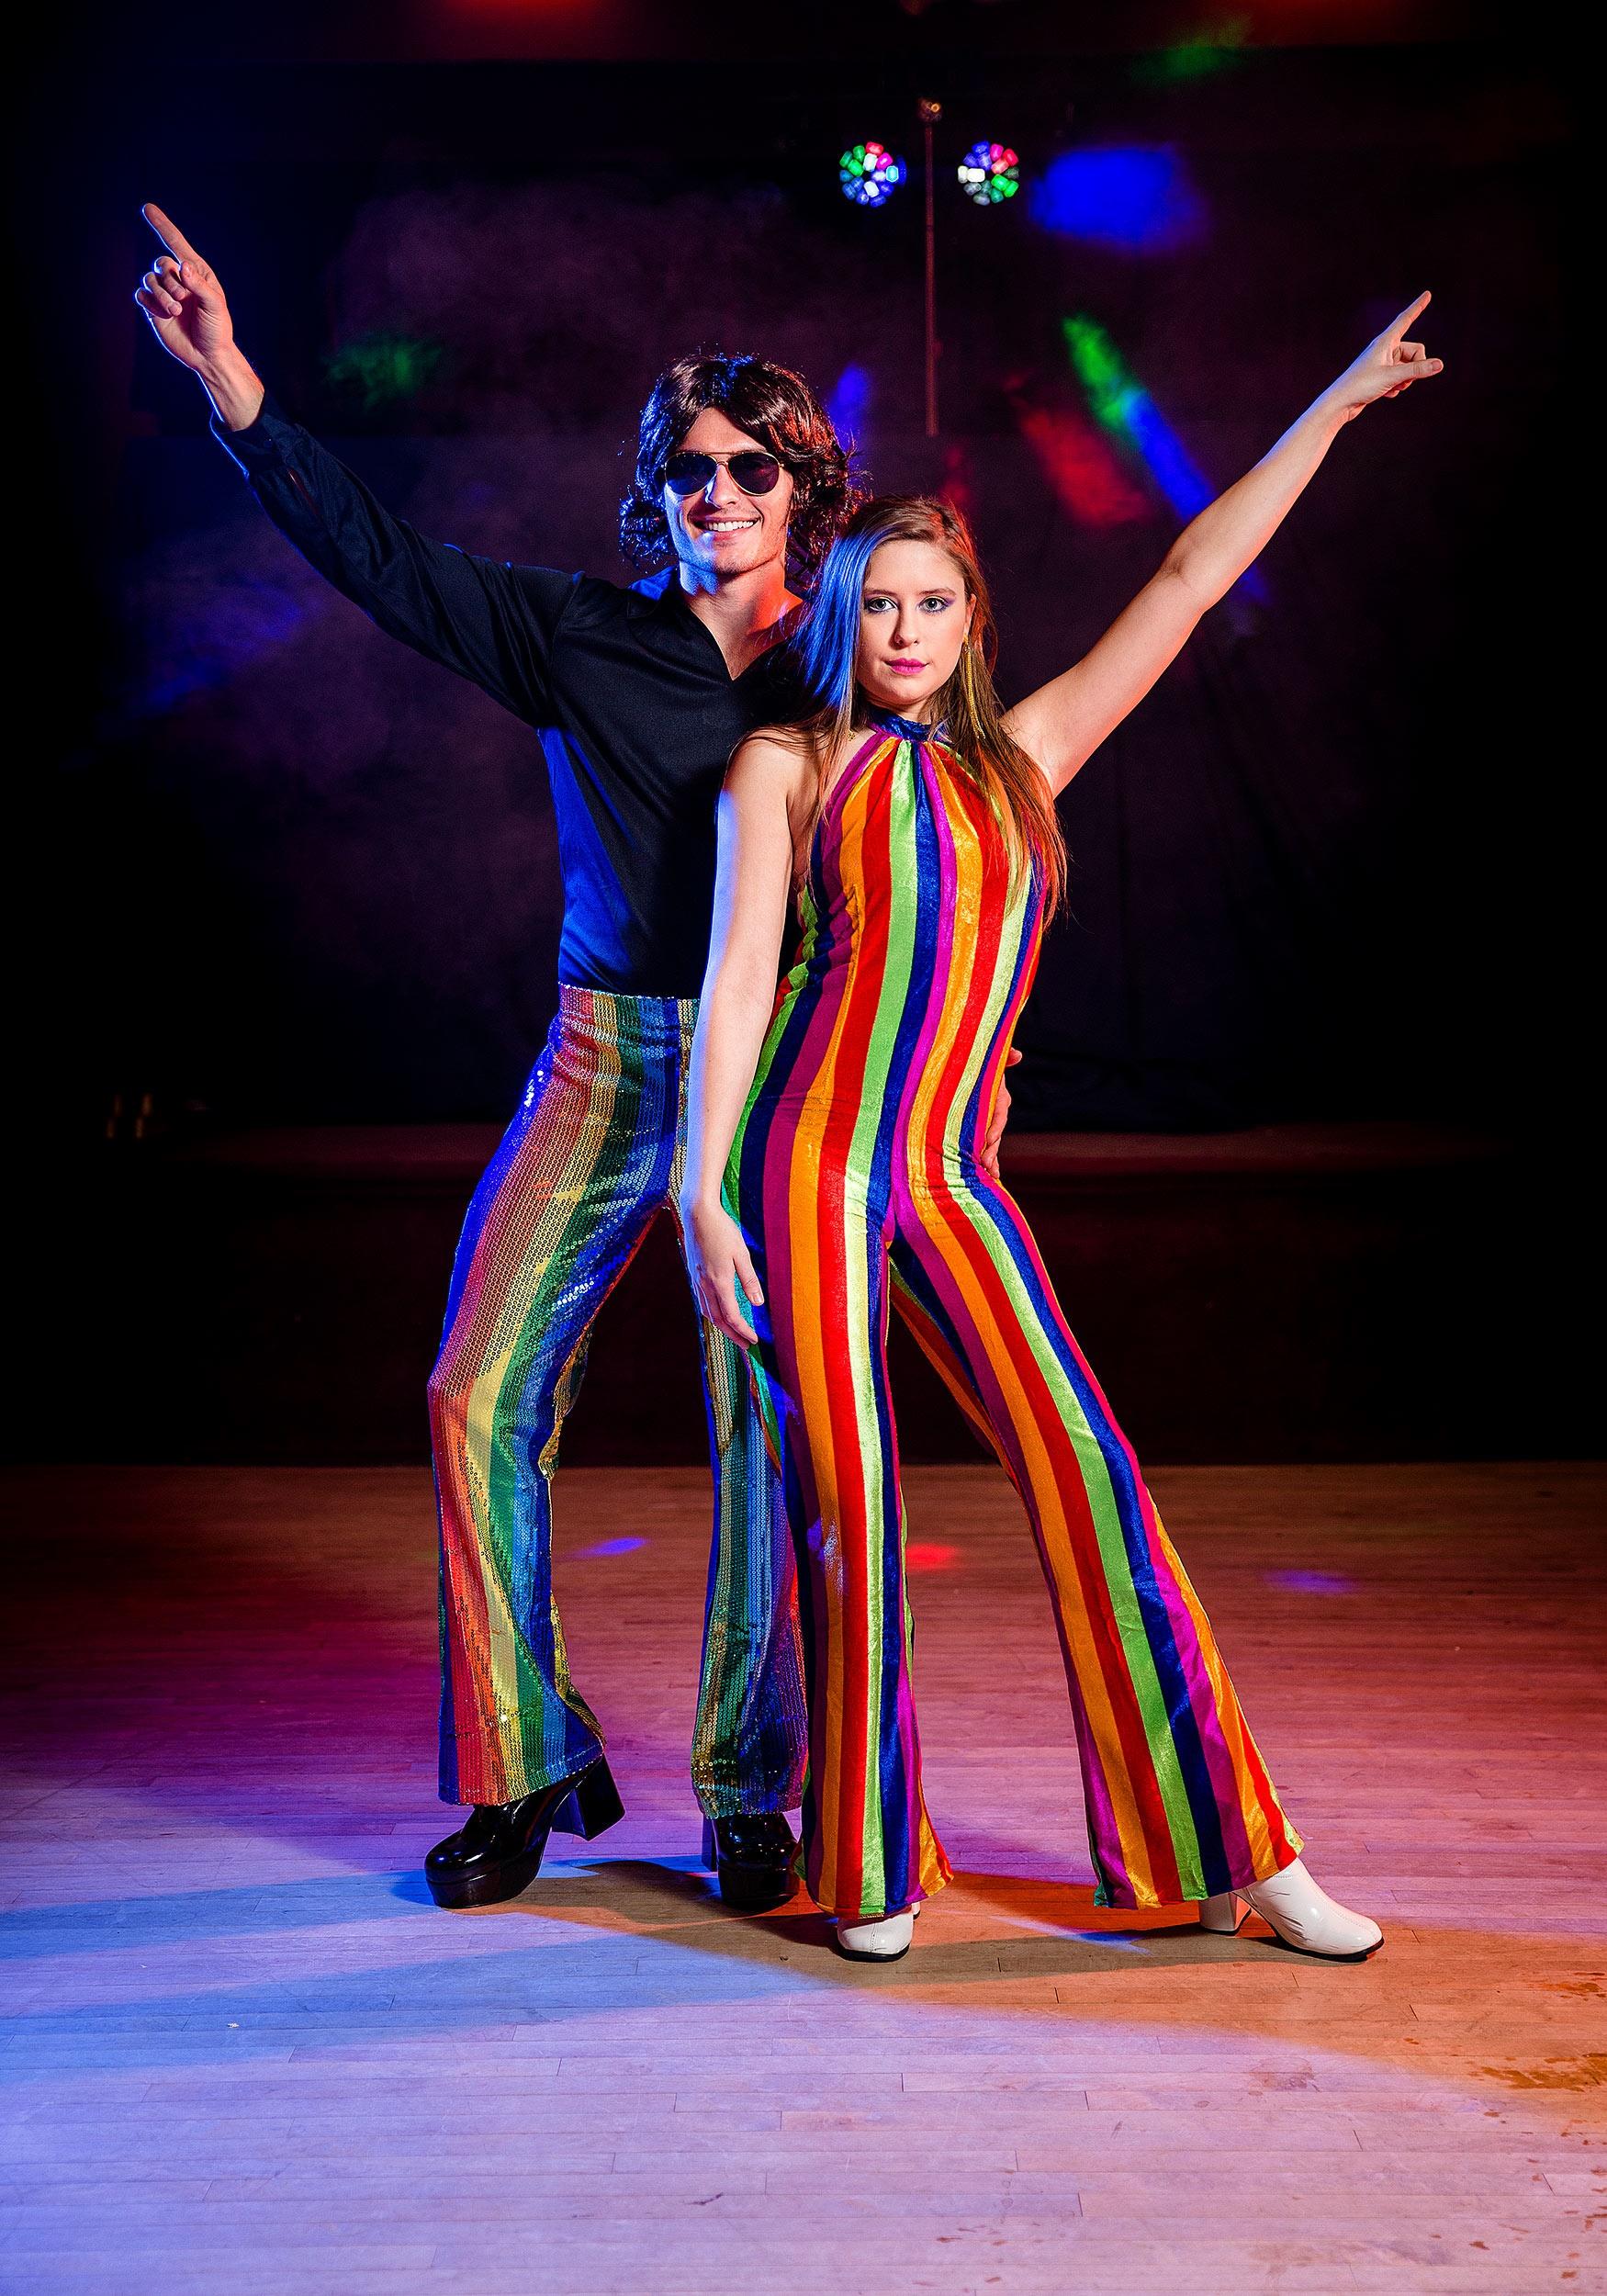 Fashion of the disco era 41